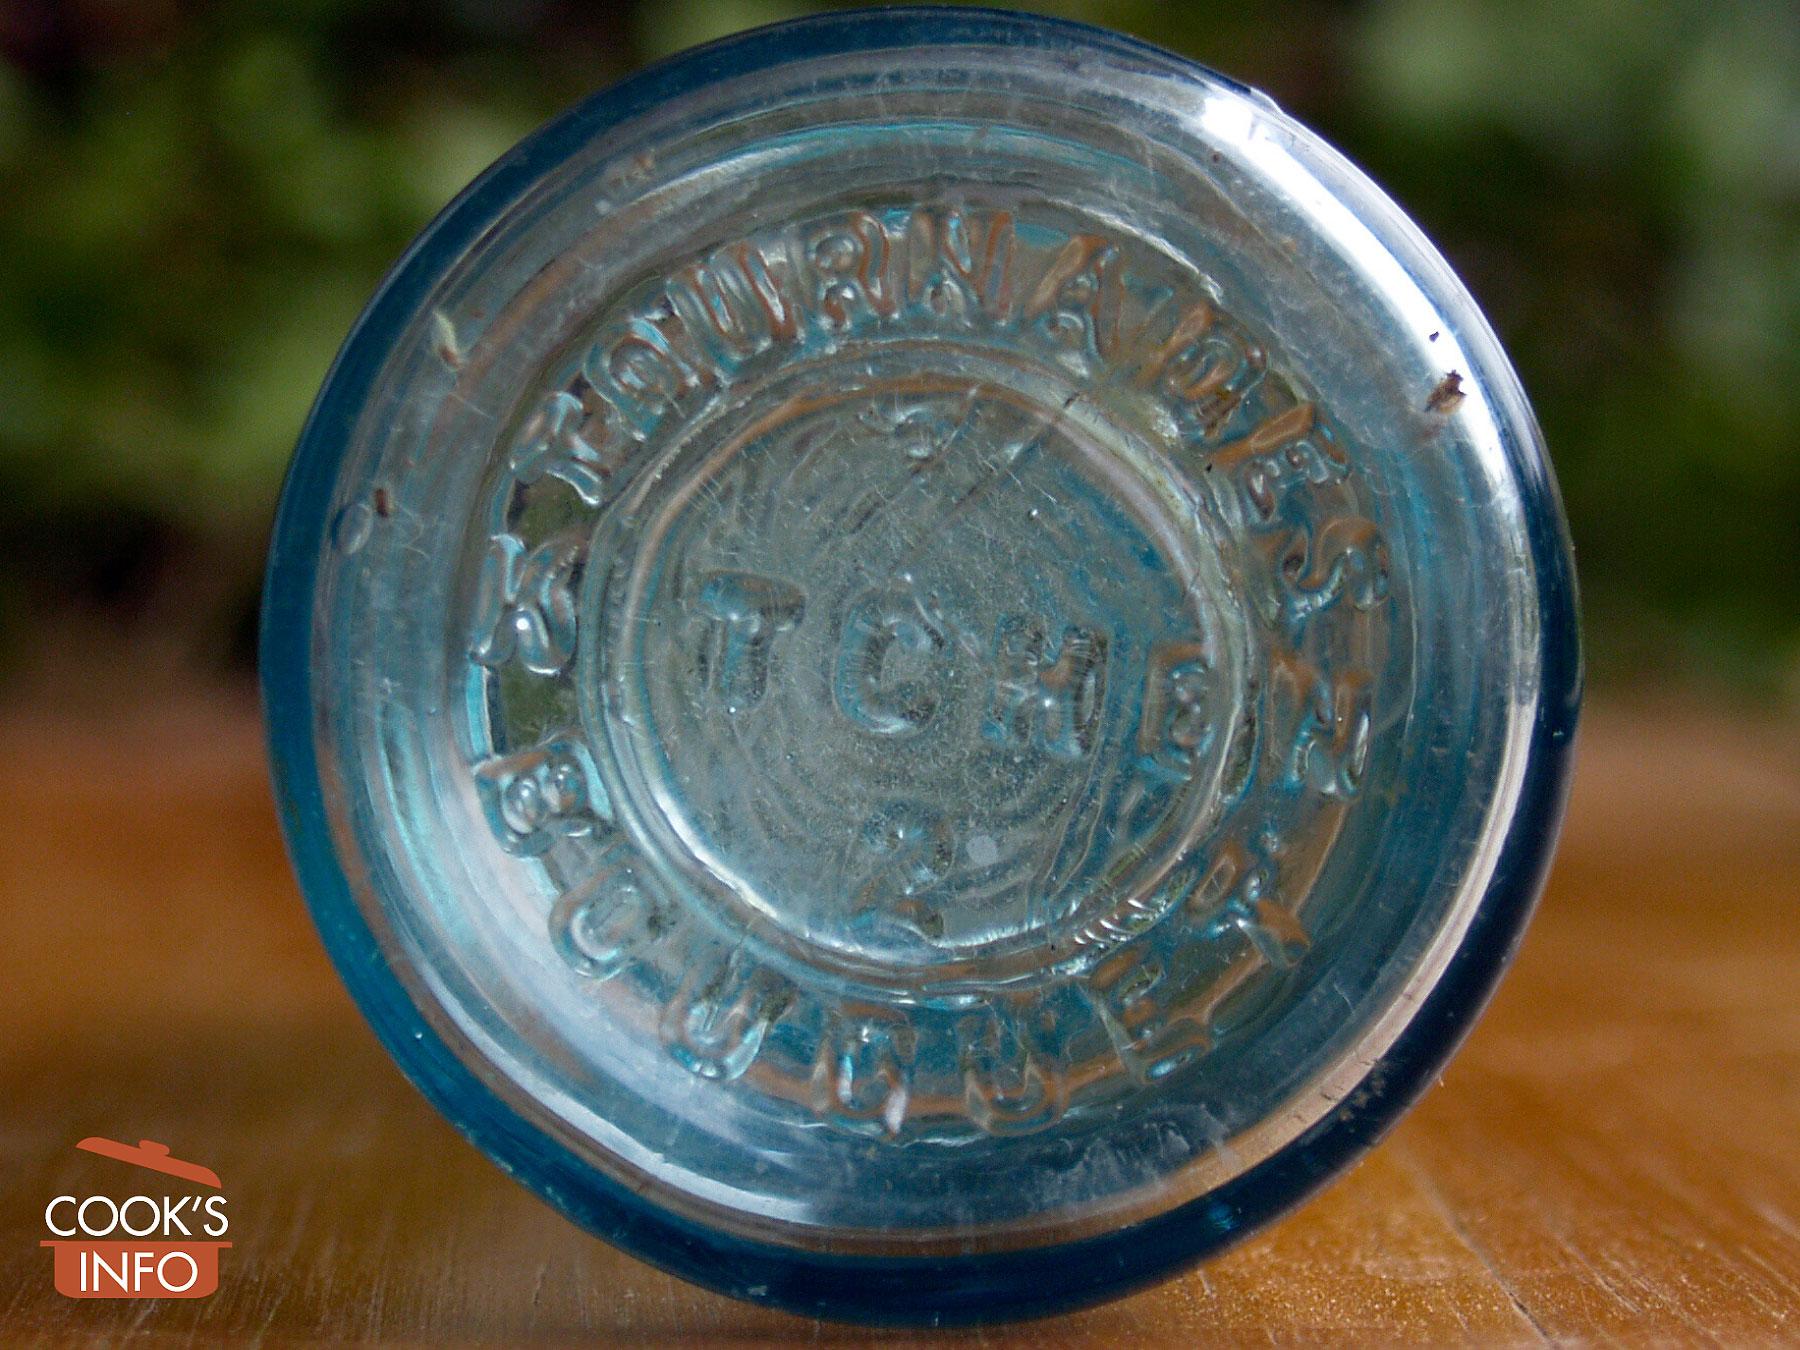 Tournaude's Kitchen Bouquet original bottle